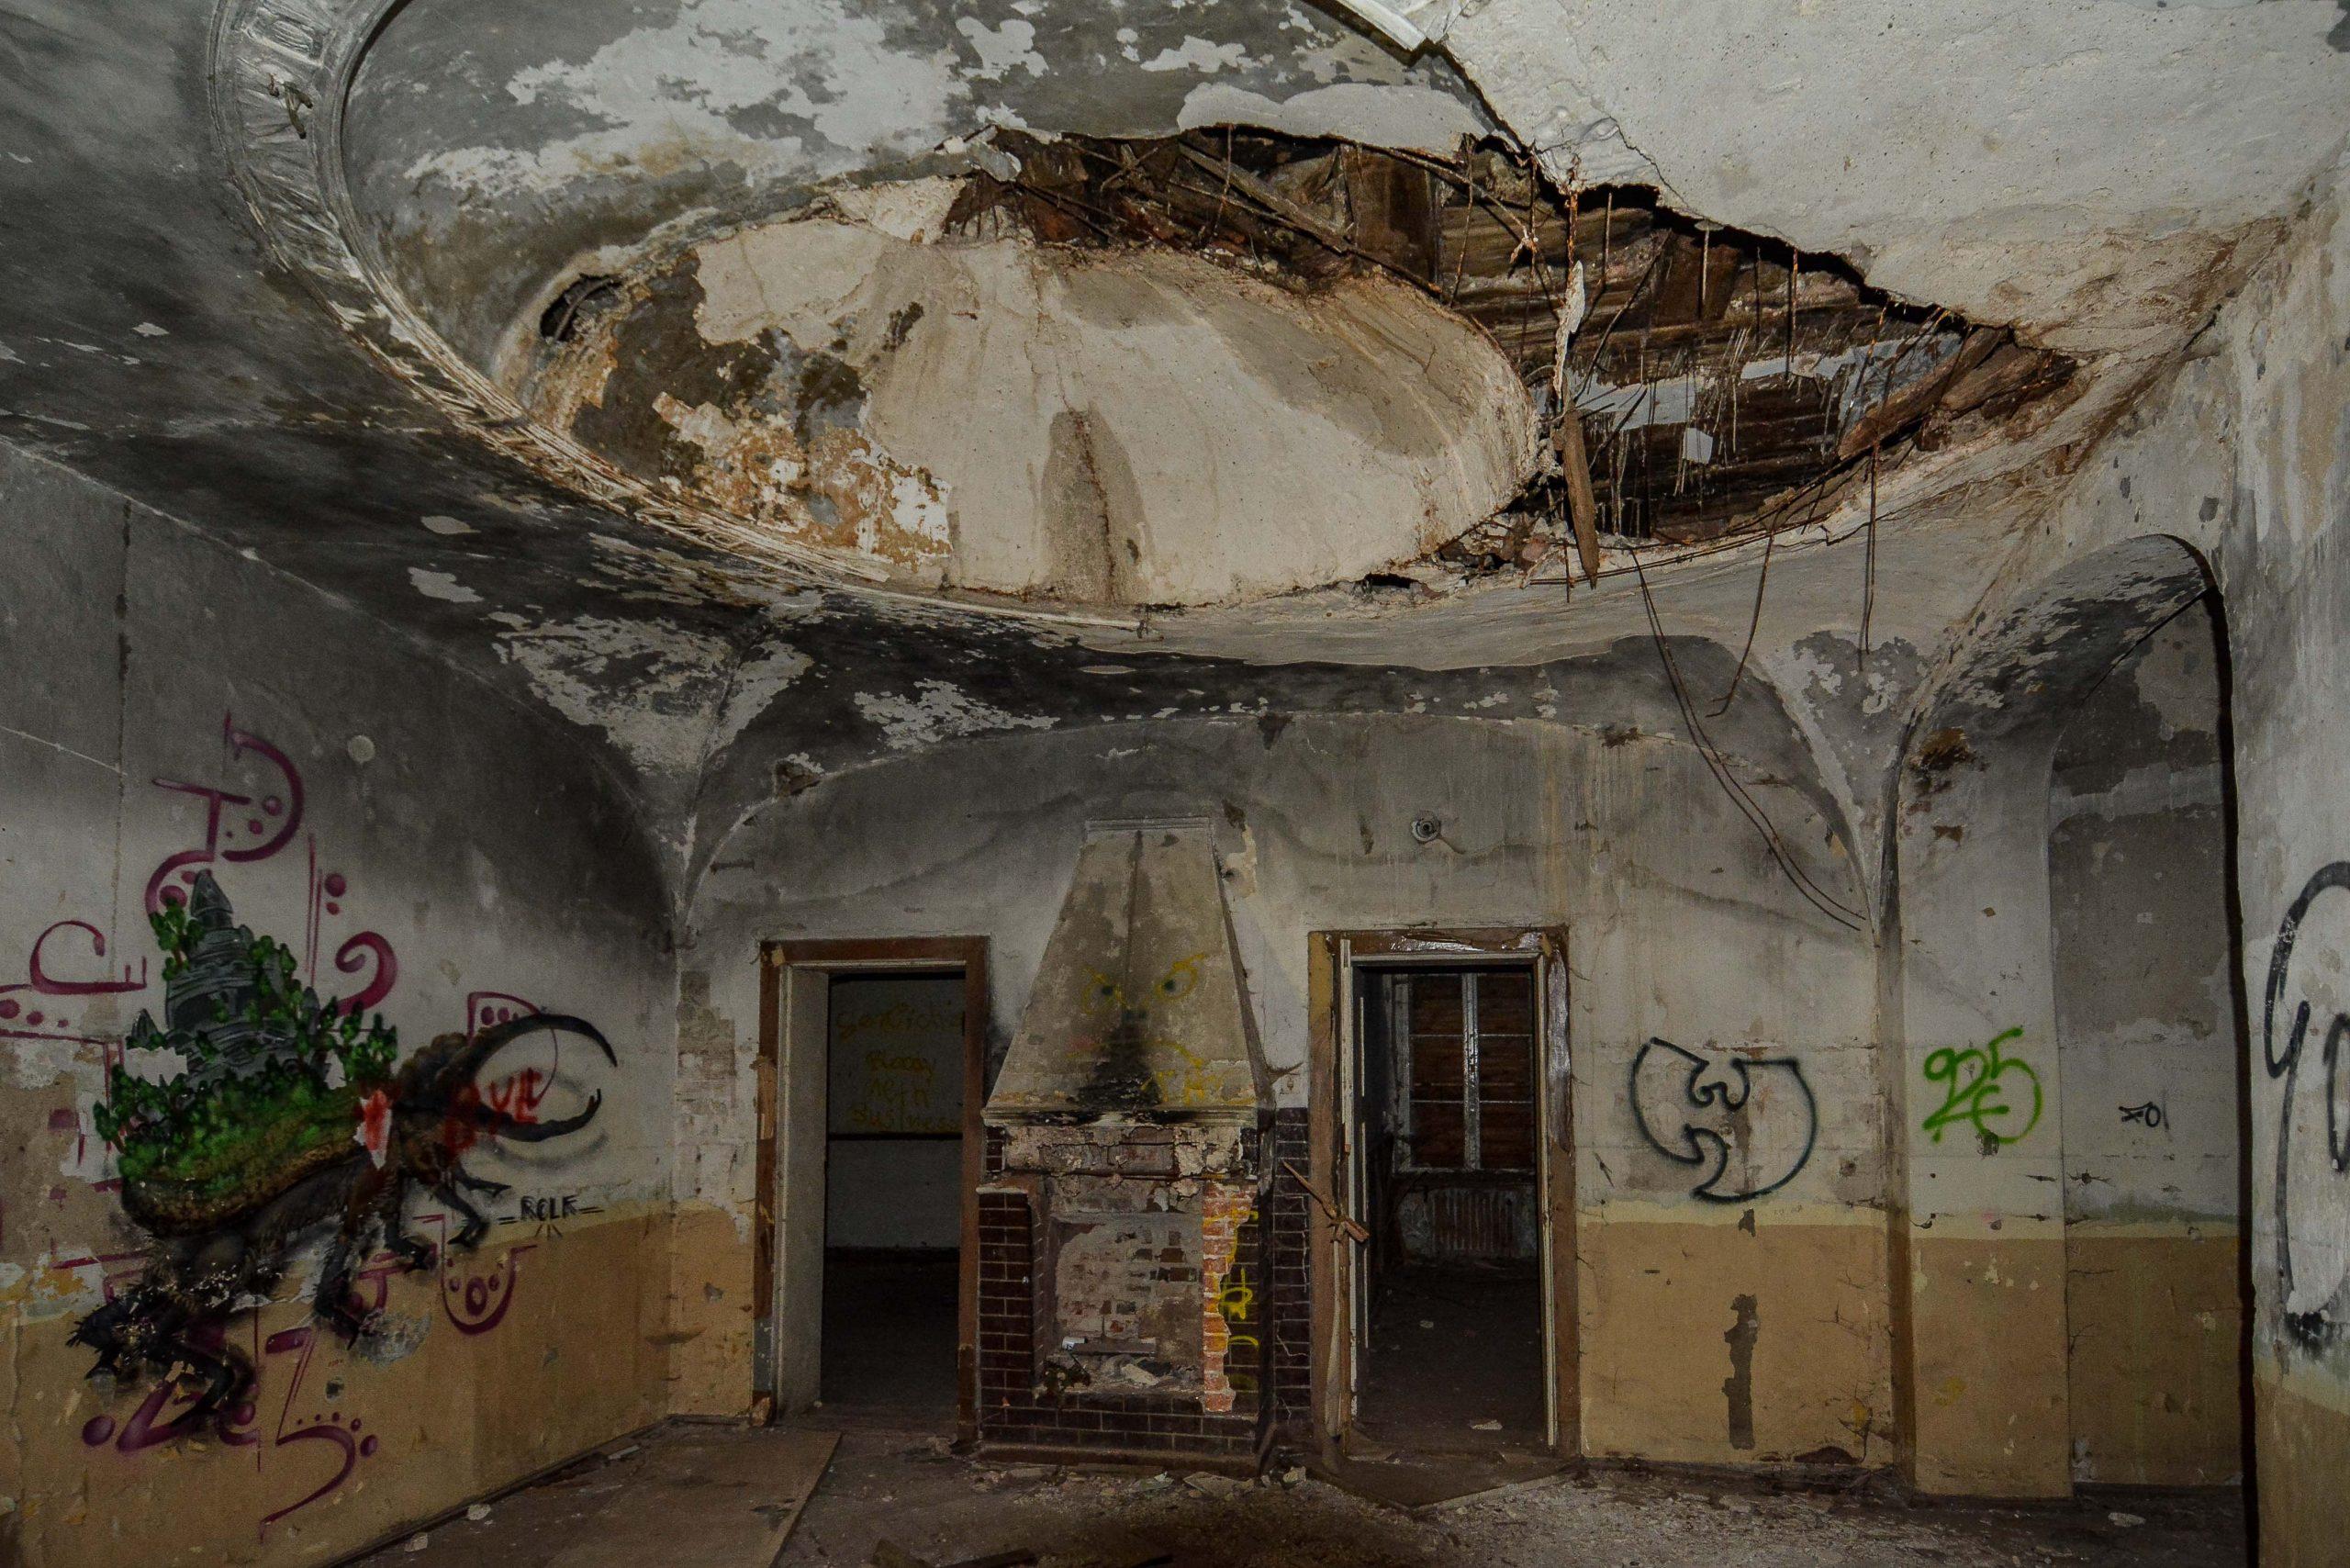 herrenhaus gentzrode eingang zimmer kamin lost places brandenburg neuruppin gut gentzrode ost deutschland urbex abandoned